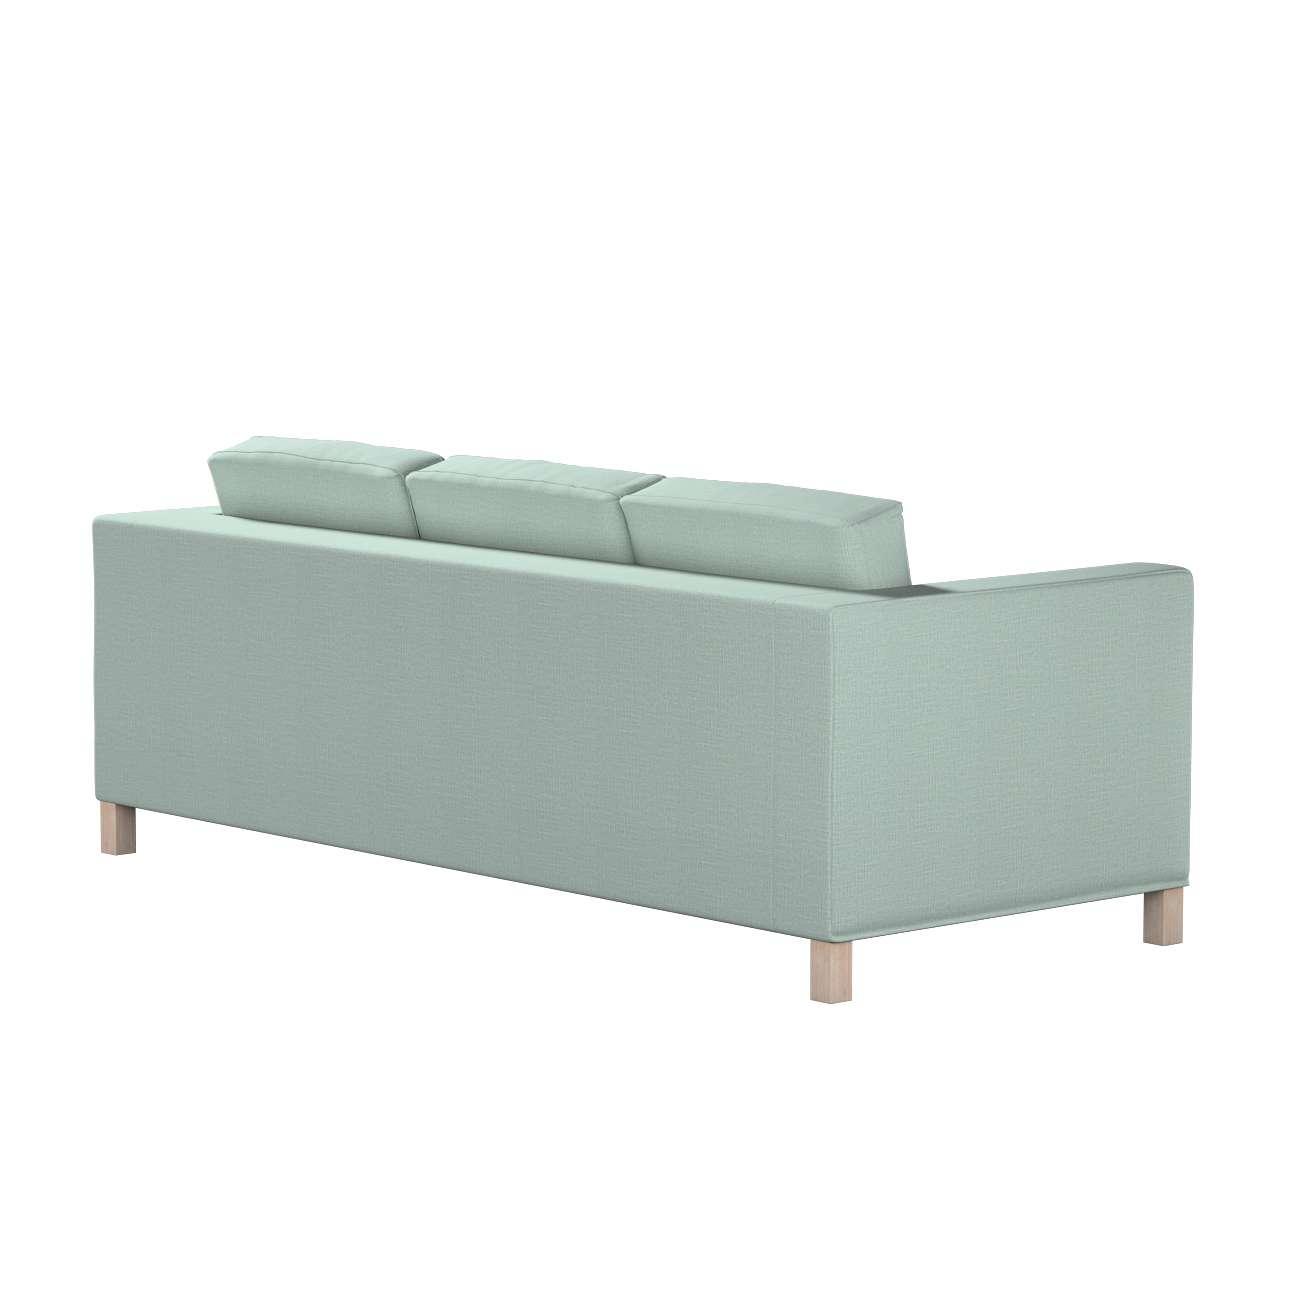 Bezug für Karlanda 3-Sitzer Sofa nicht ausklappbar, kurz von der Kollektion Living II, Stoff: 160-86